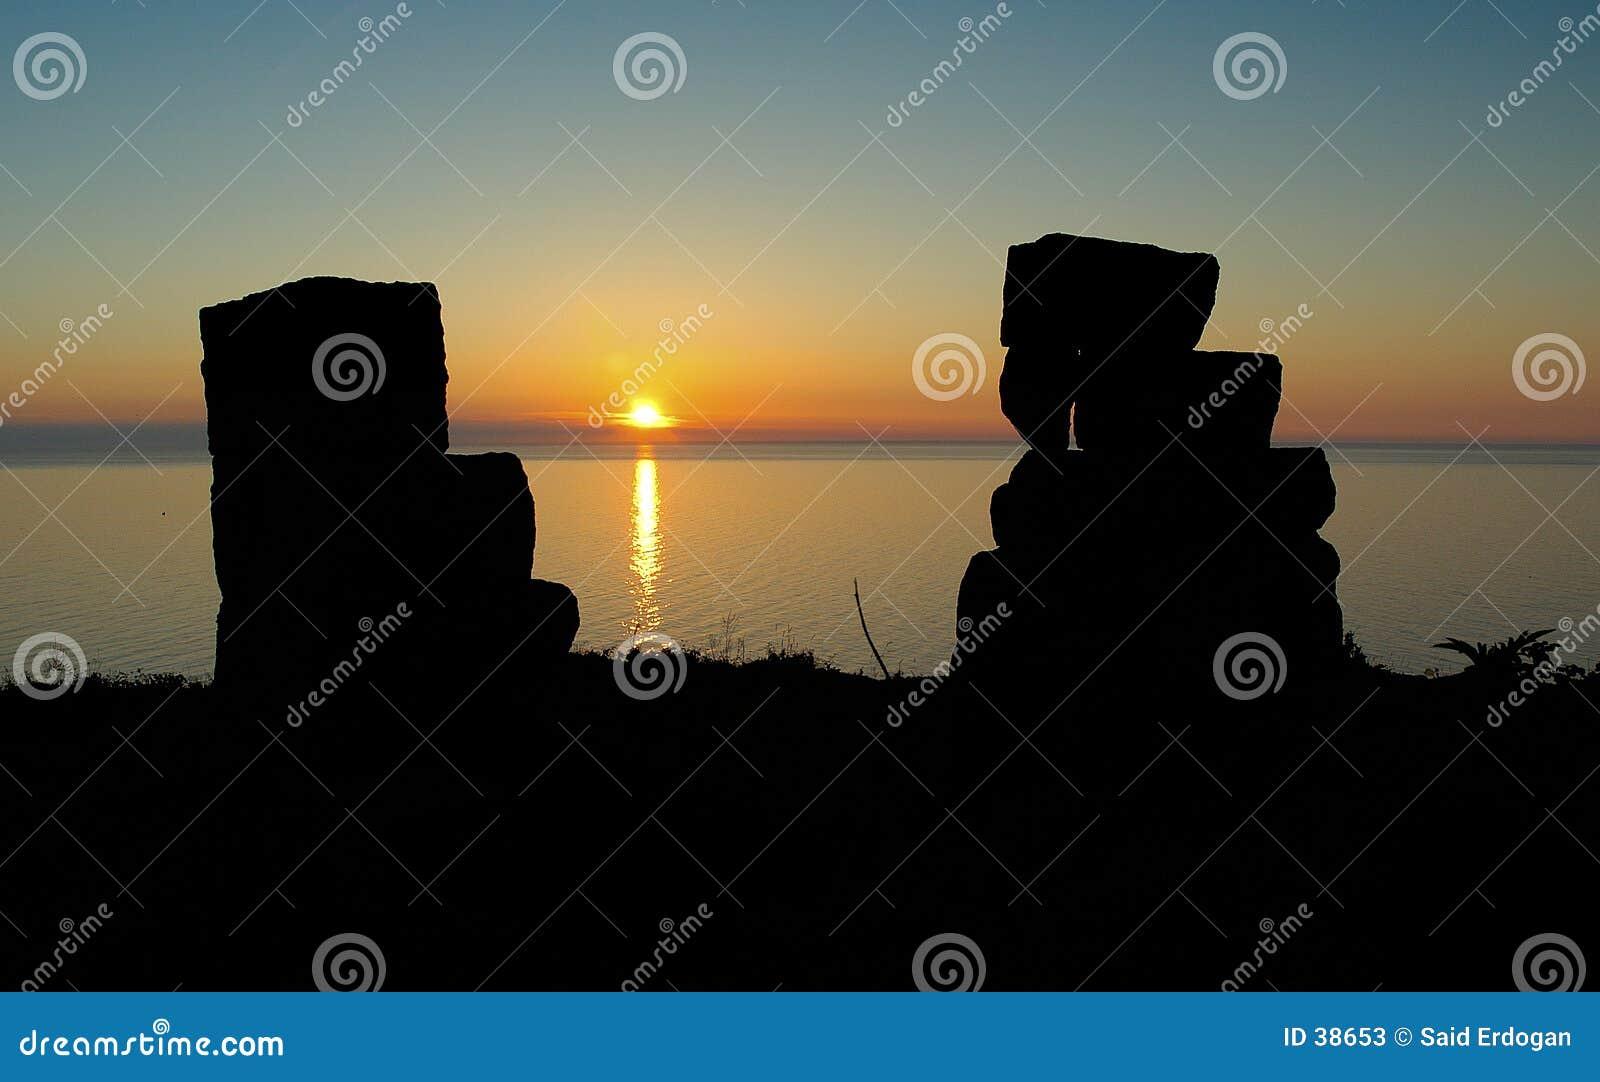 Slottet fördärvar solnedgång